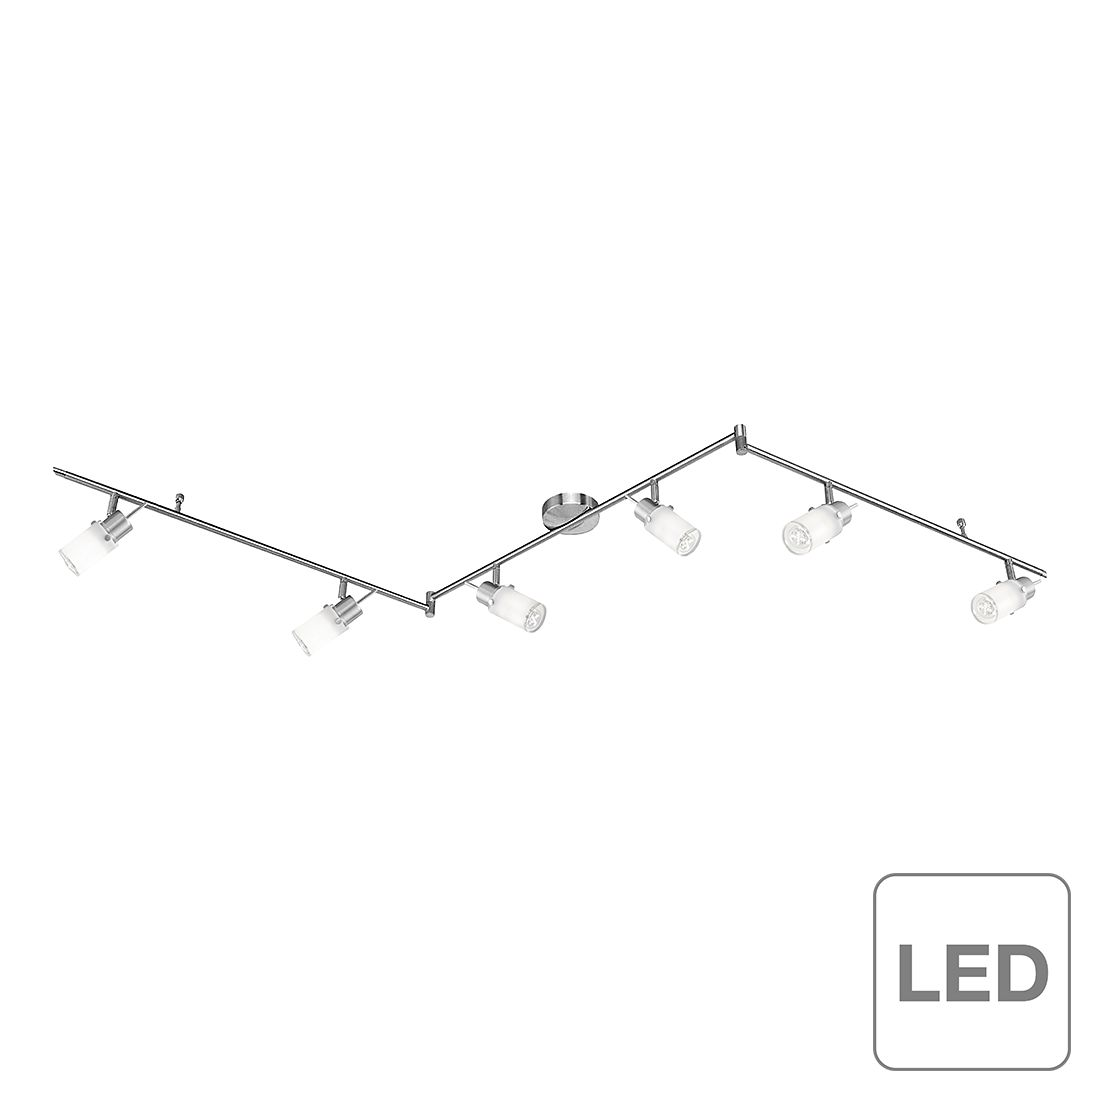 energie  A++, Plafondlamp Max led - 6 lichtbronnen, Leuchten Direkt